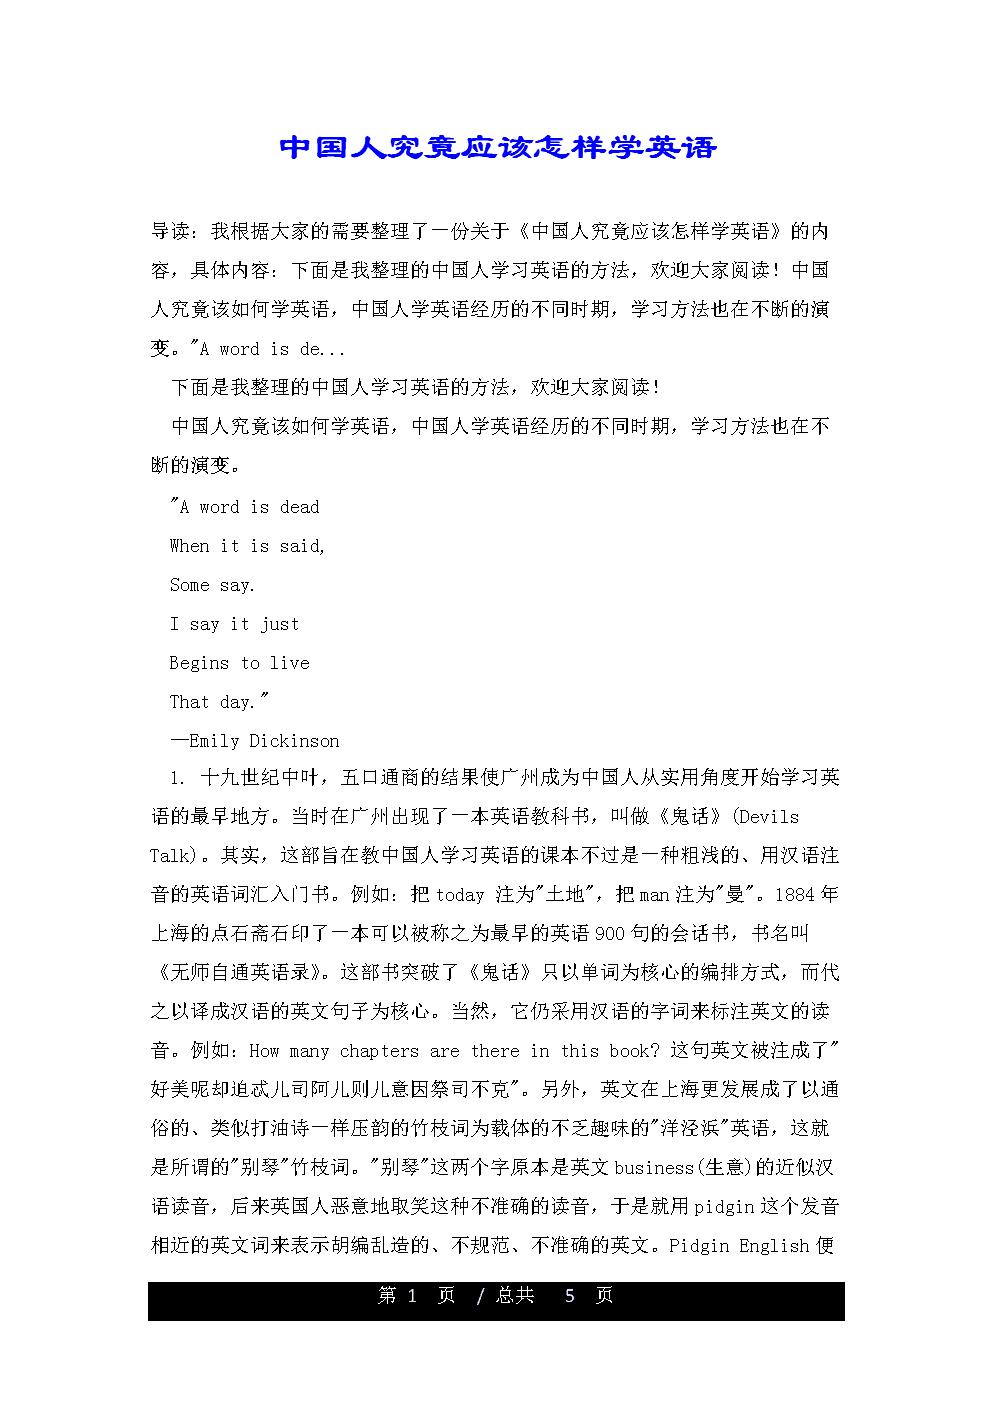 中国人究竟应该怎样学英语.doc